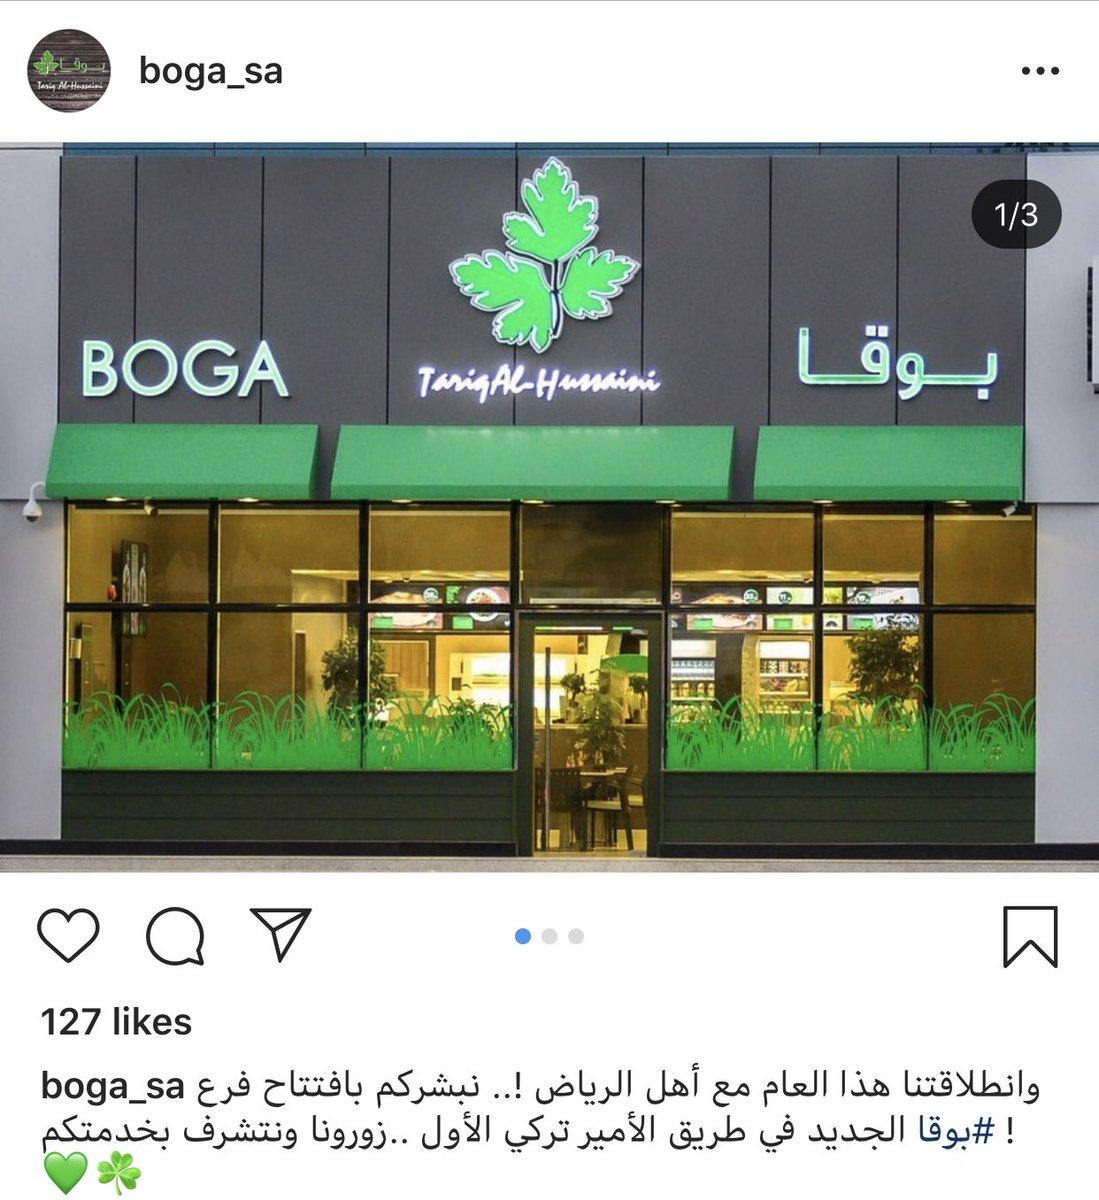 عاشق مطاعم On Twitter فعلا مكتوب عالمحل طارق الحسيني مو مكتوب بوقا